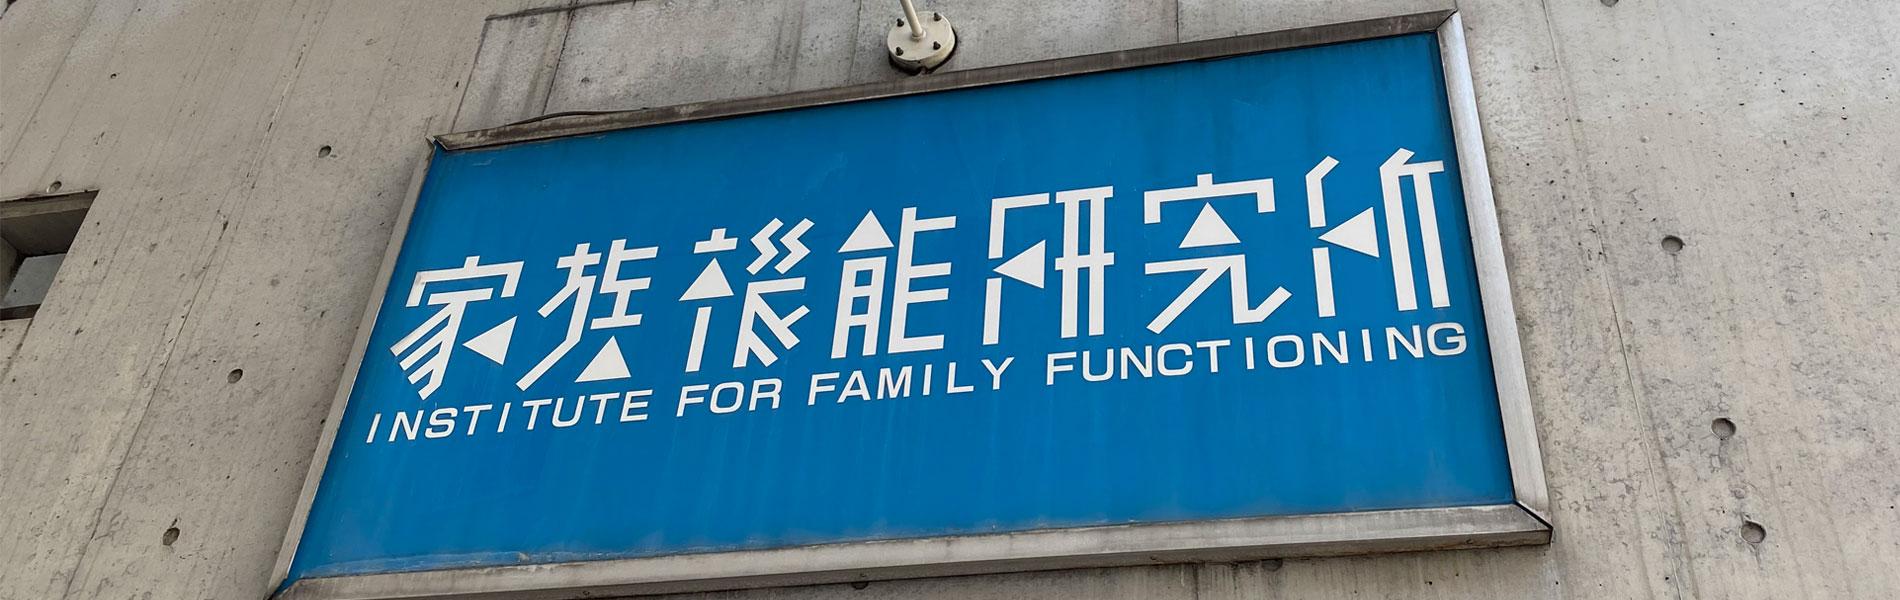 家族機能研究所